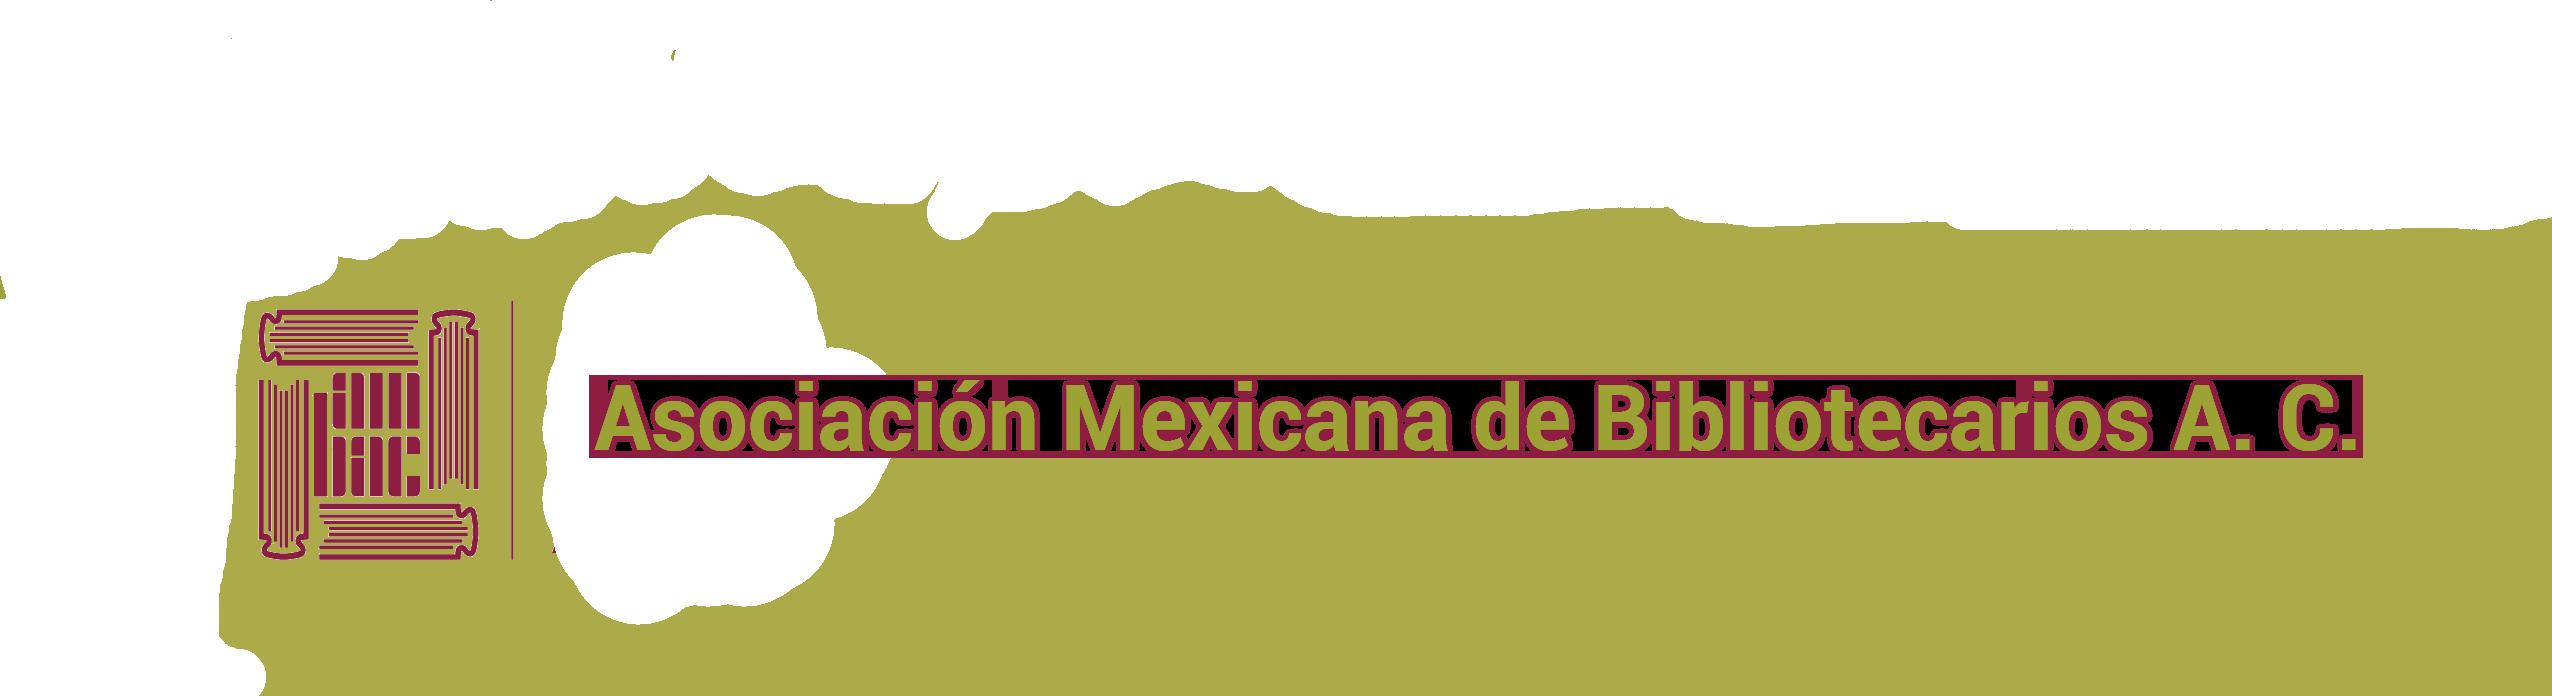 Asociación Mexicana de Bibliotecarios A.C.